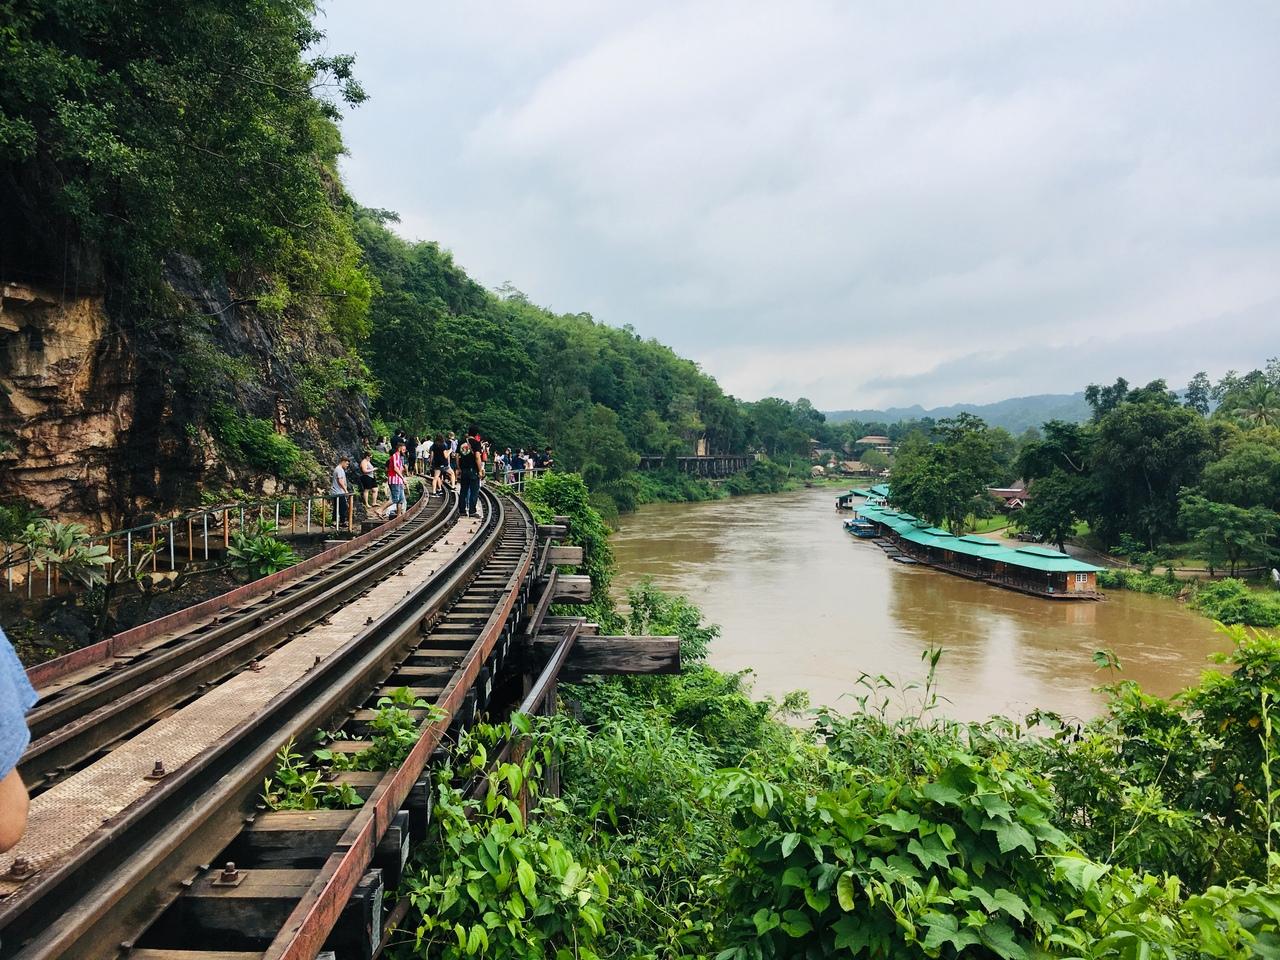 カンチャナブリ、カード支払いで逃げ切る』カンチャナブリ(タイ)の旅行 ...